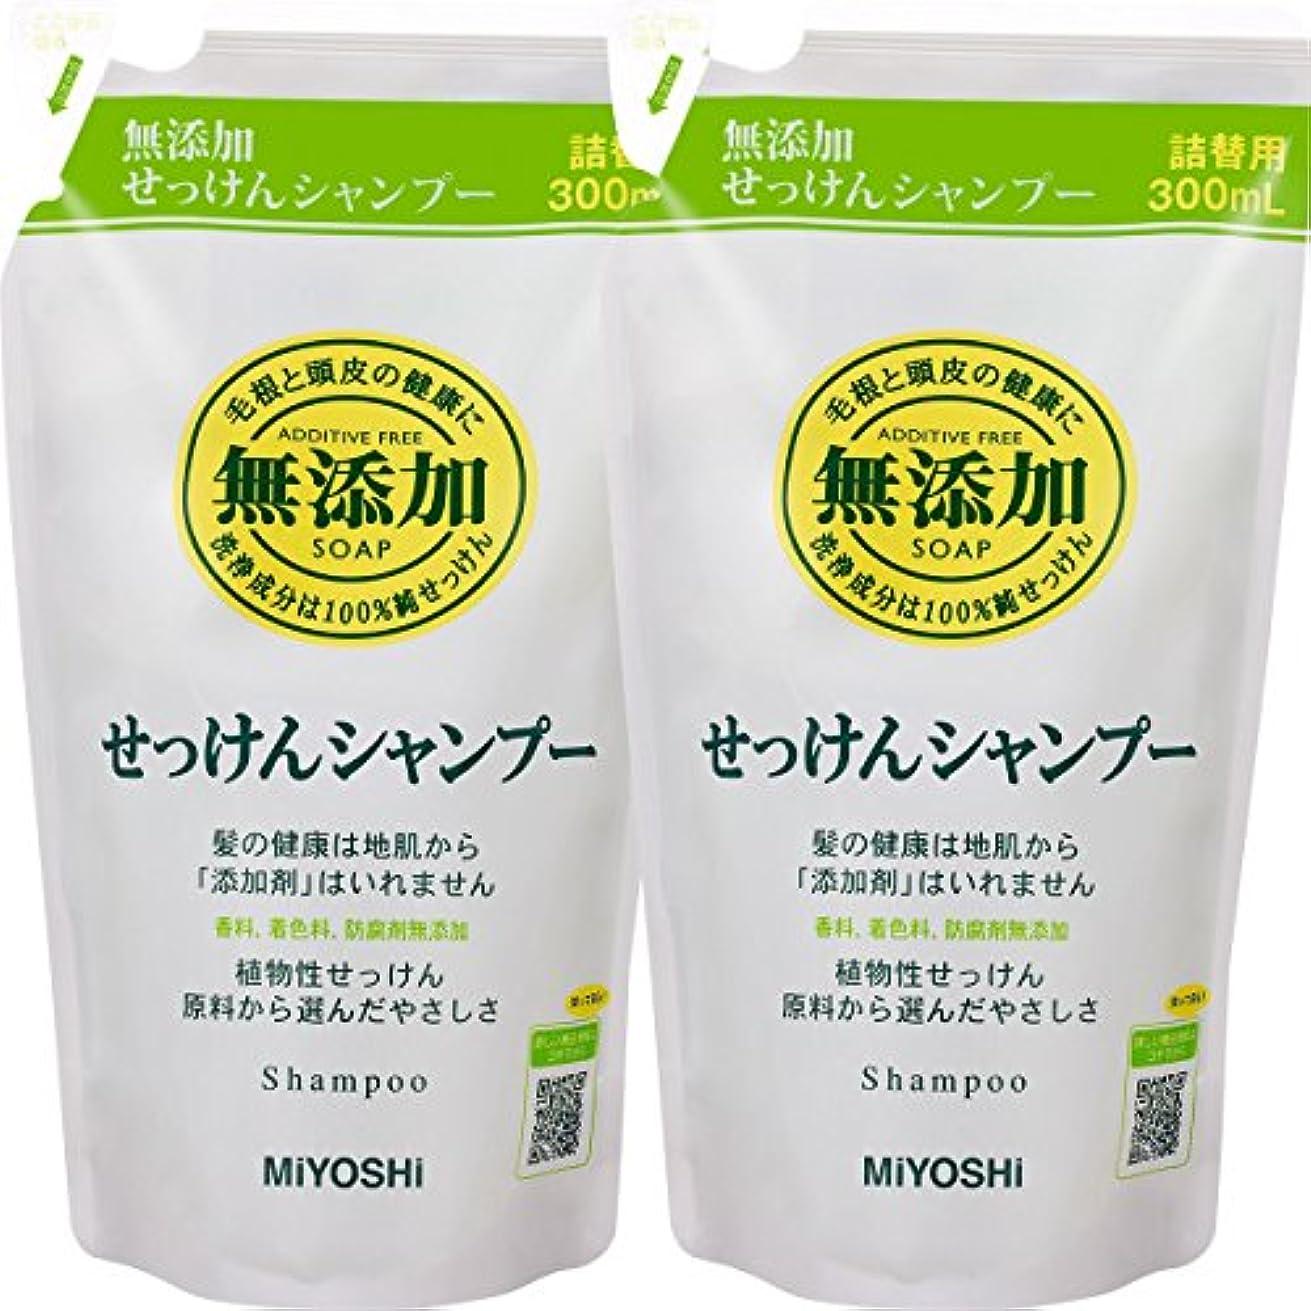 インフレーション該当する認証ミヨシ石鹸【セット品】無添加 せっけんシャンプー 詰替用 300ml×2